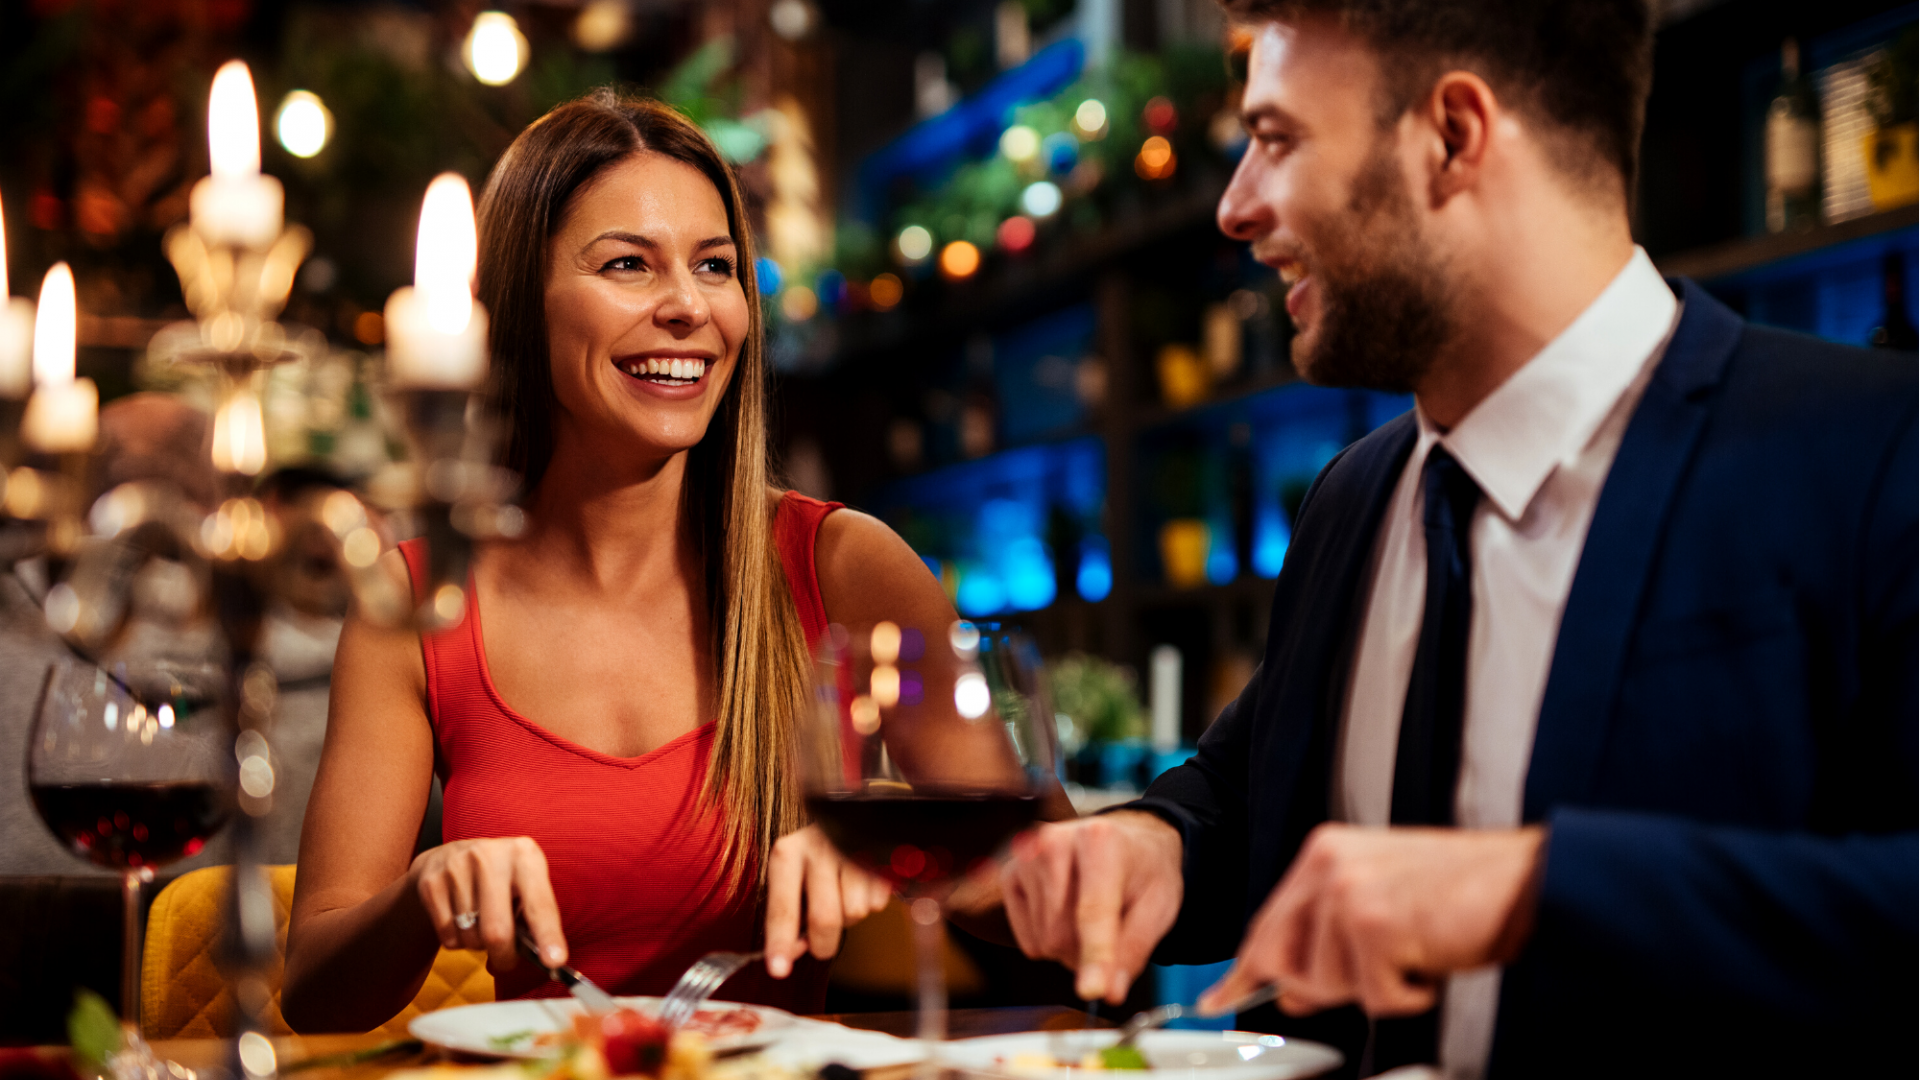 MARCOWY WEEKEND WALENTYNKOWY - z romantyczną kolacją